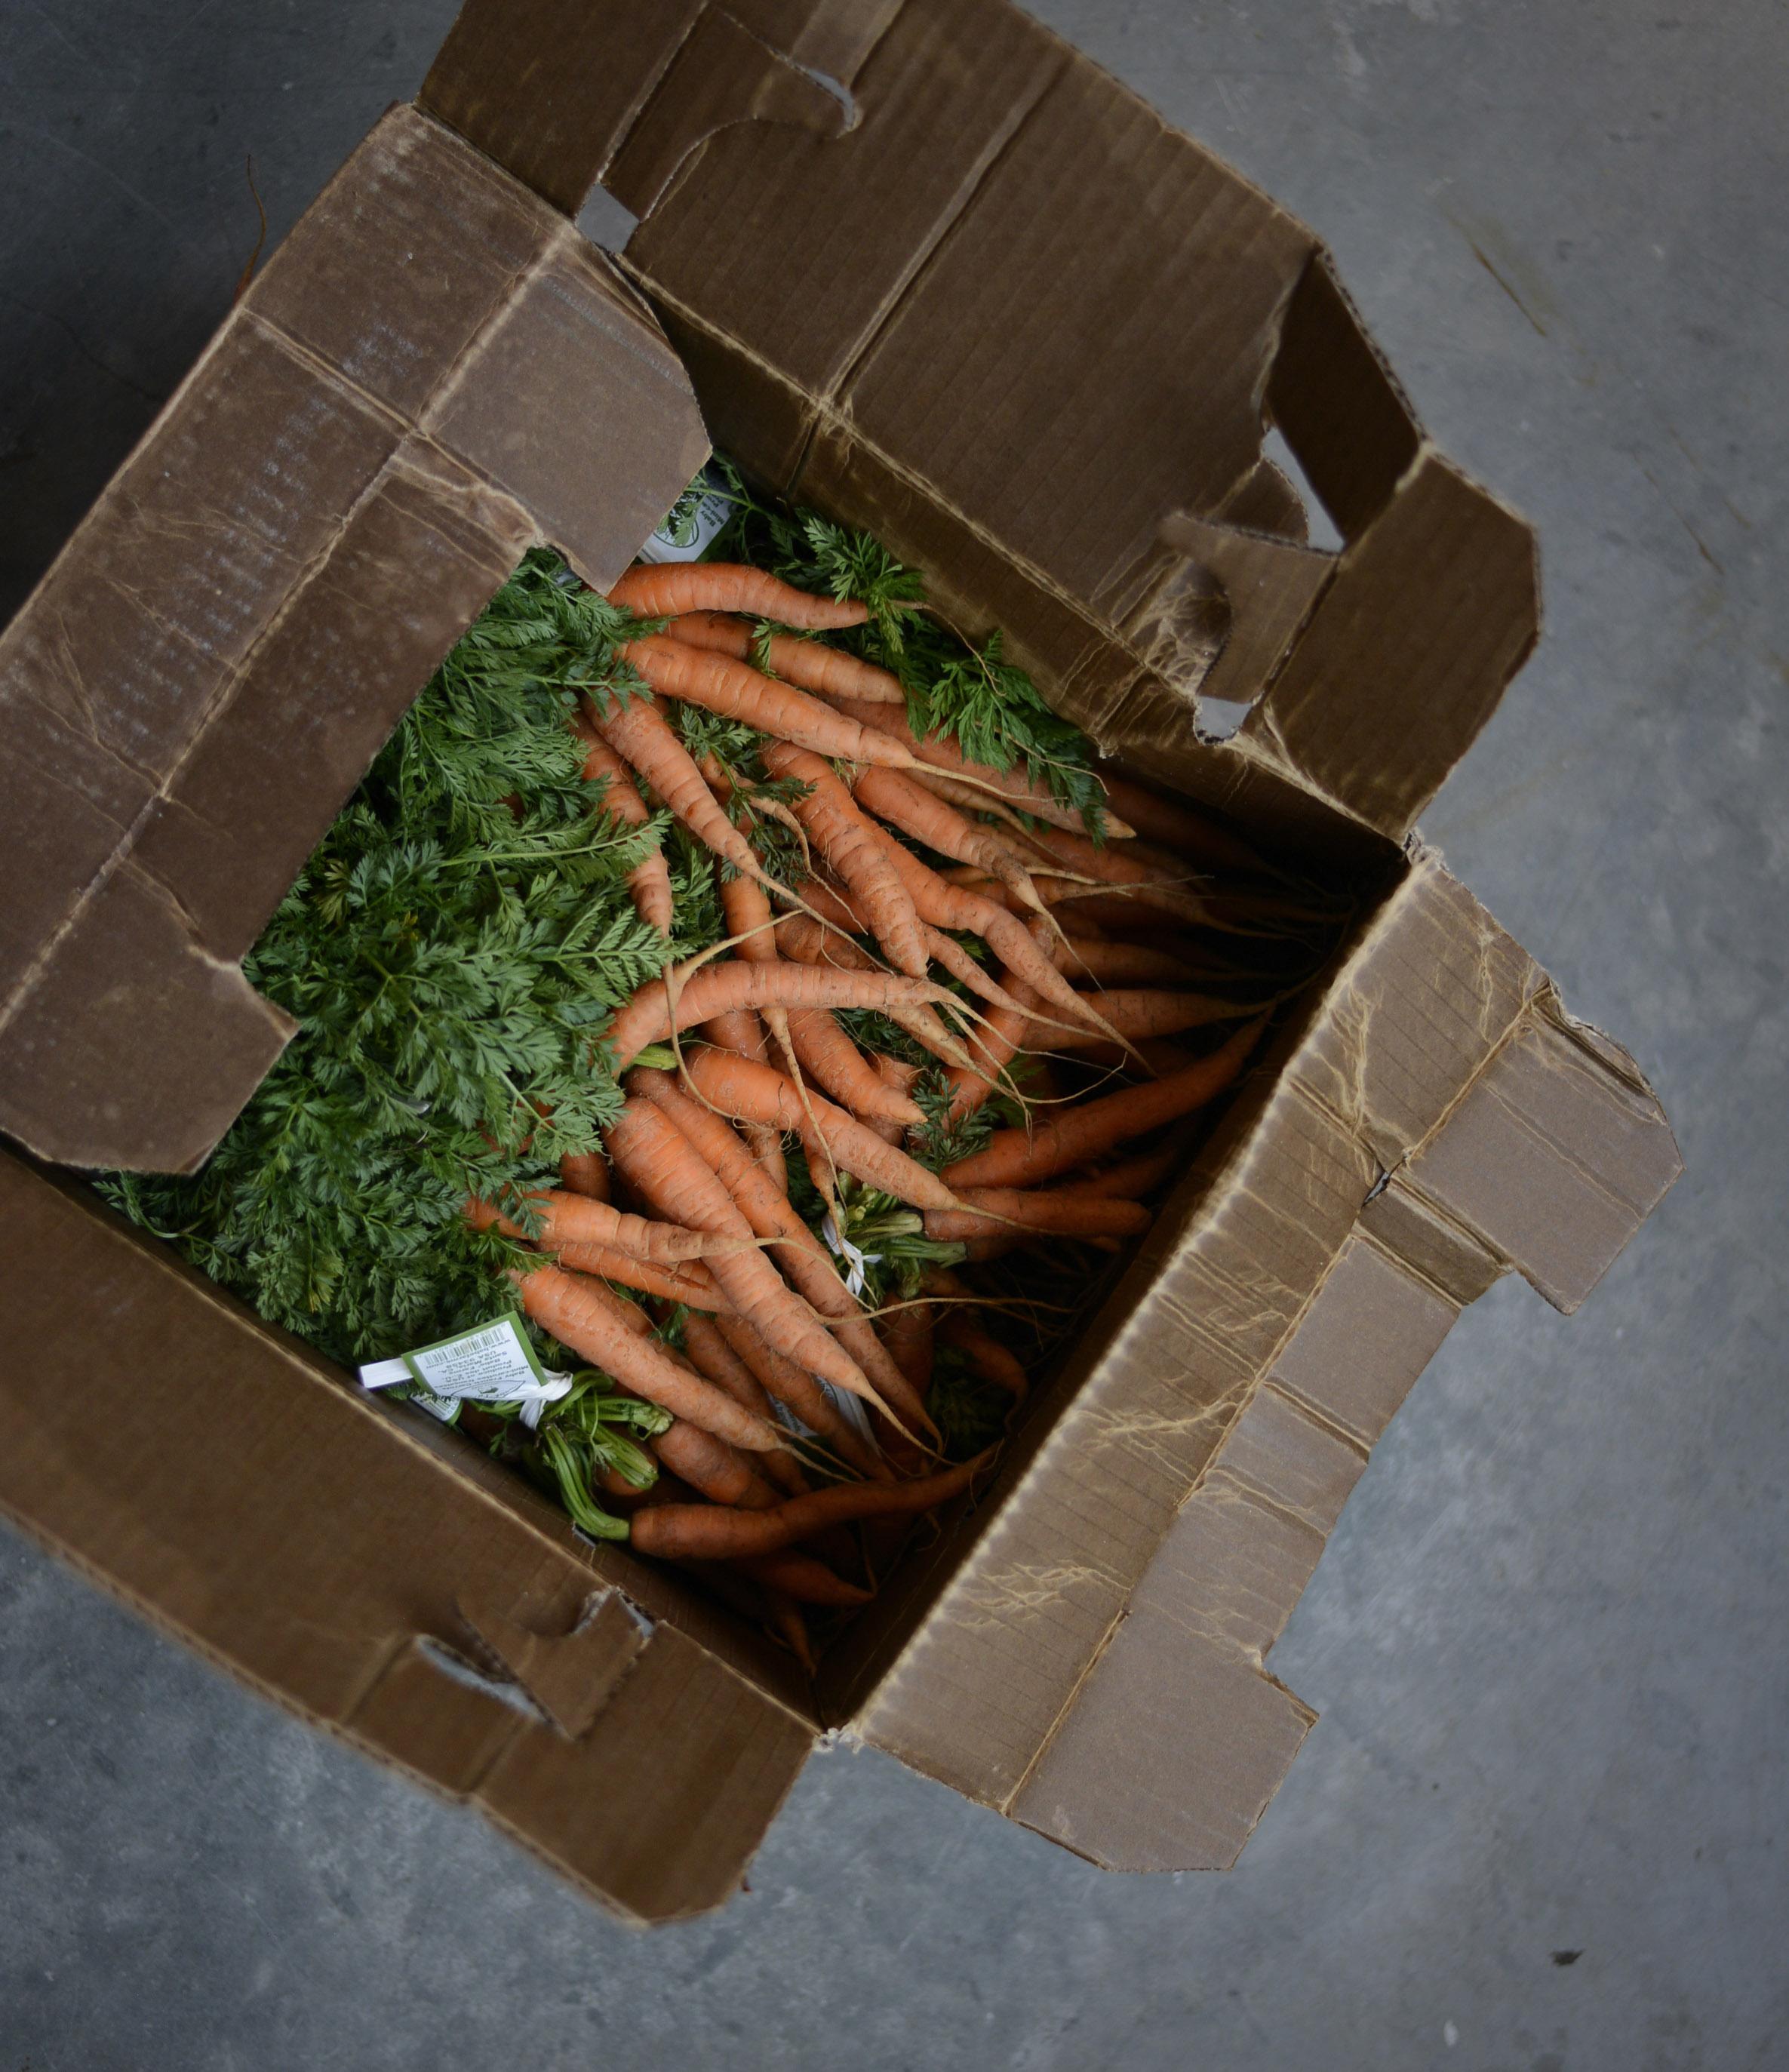 carrots in box.jpg